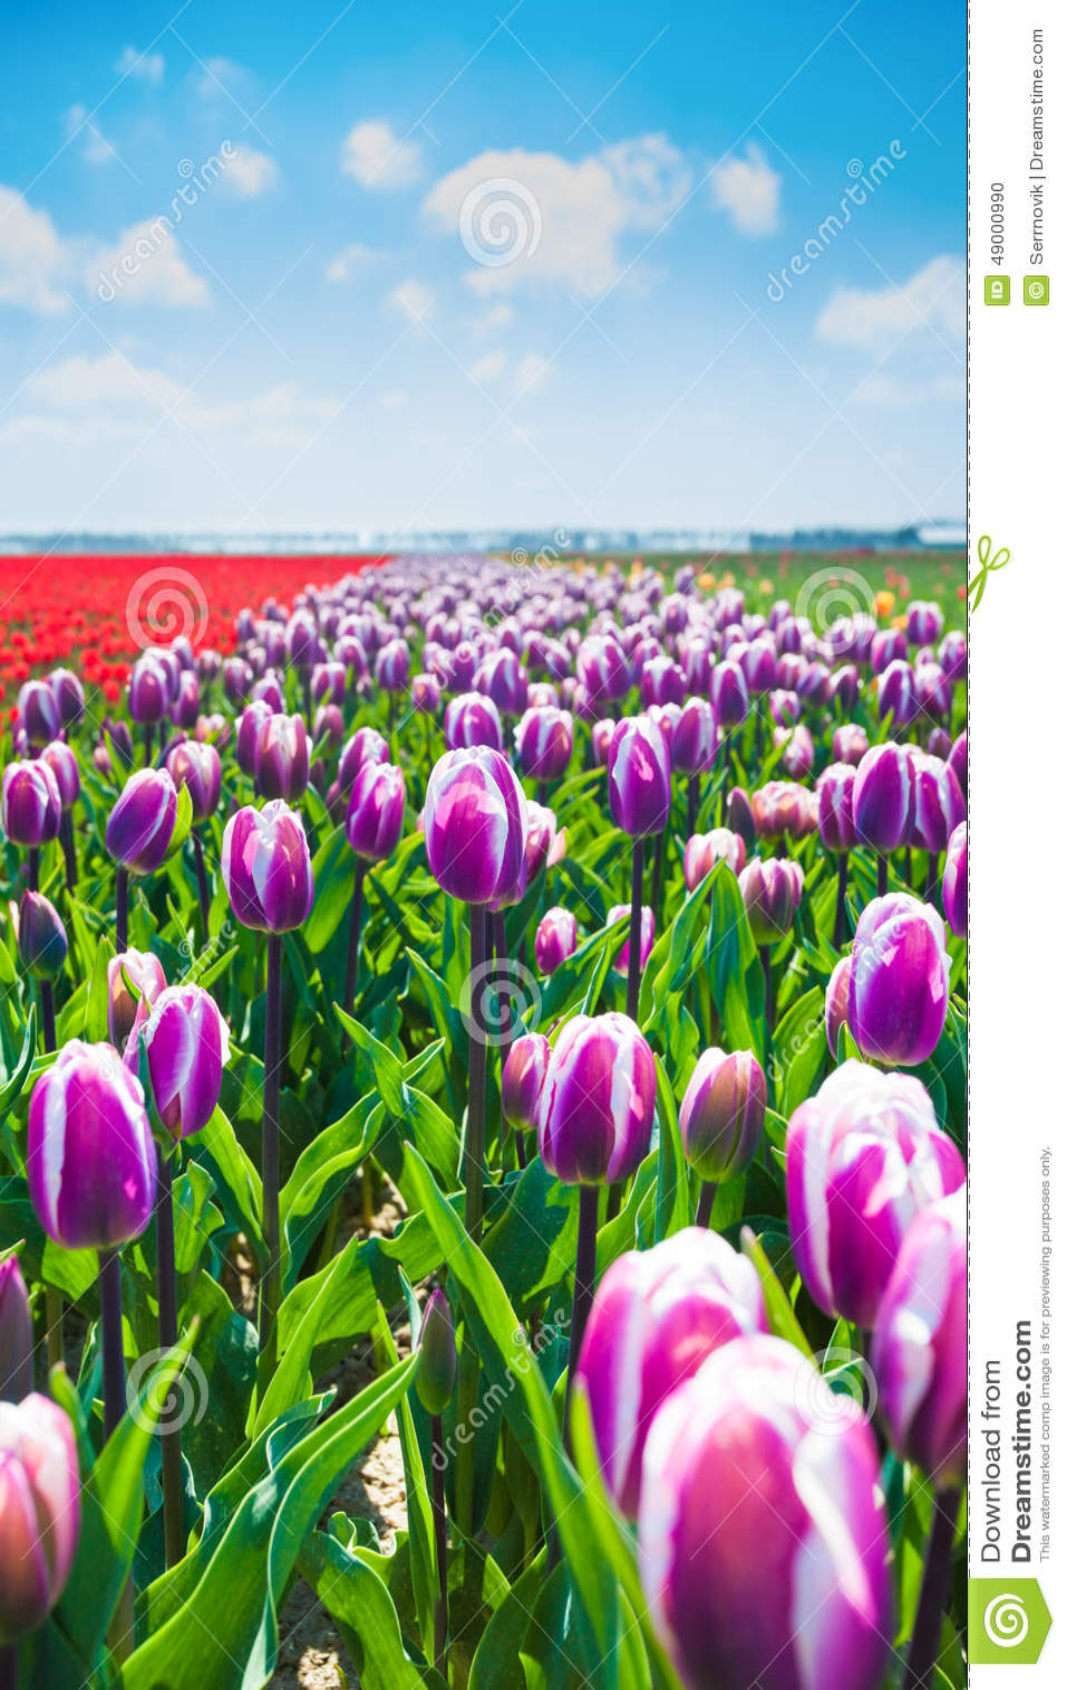 Summer Tulip Flowers Fields